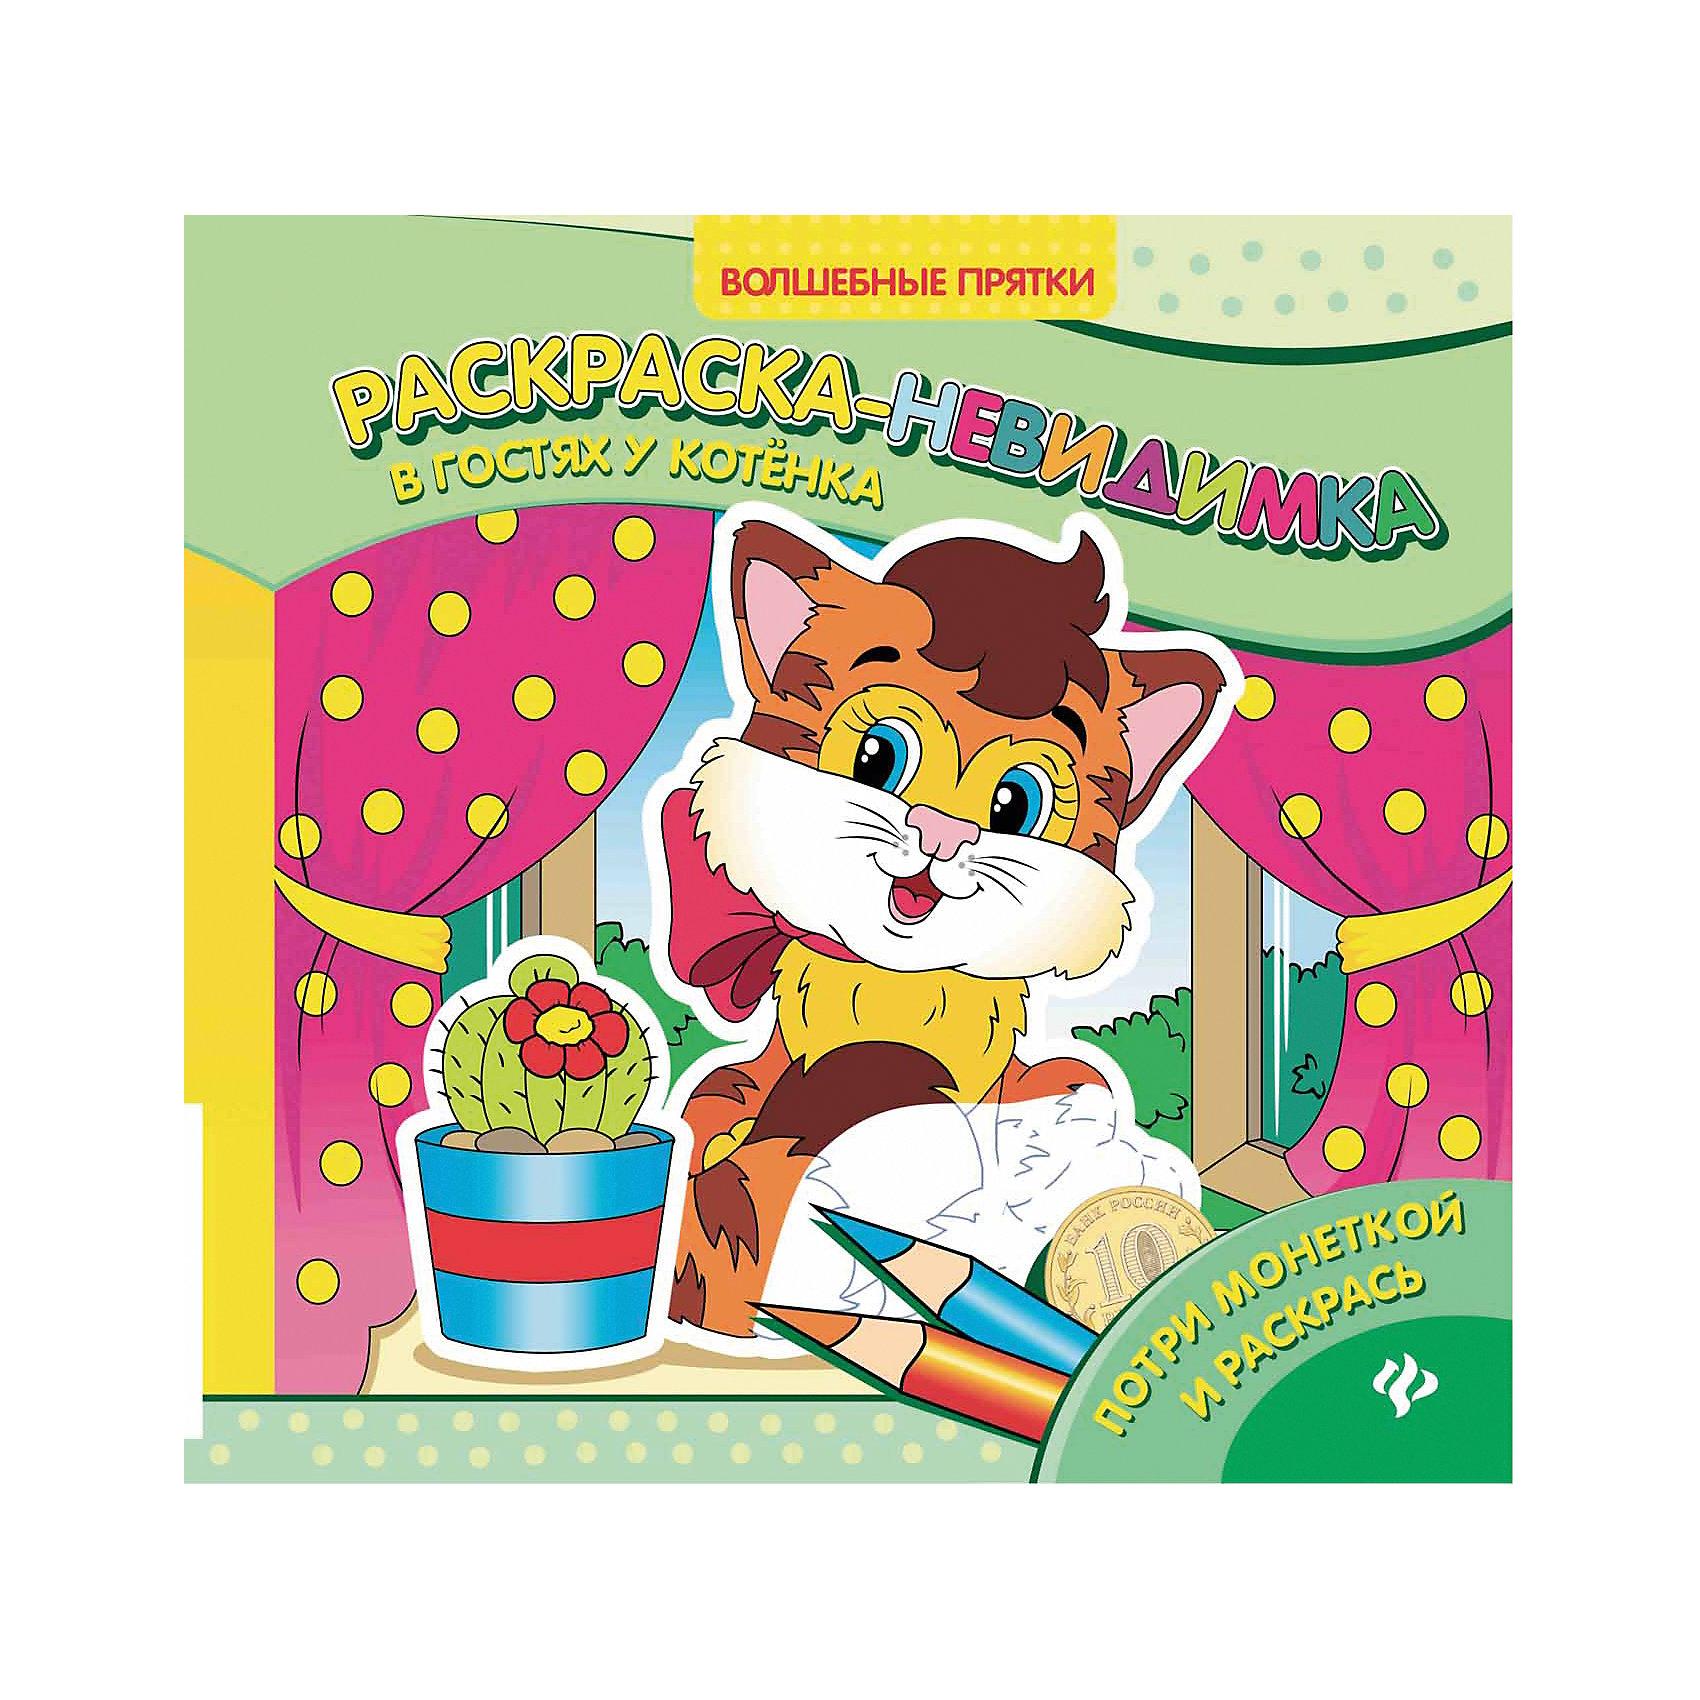 Раскраска-невидимка В гостях у котенкаРаскраска-невидимка В гостях у котенка<br><br>Характеристики: <br><br>• Кол-во страниц: 8<br>• ISBN: 9785222271087<br>• Возраст: 0+<br>• Обложка: мягкая глянцевая<br>• Формат: а4<br><br>Эта увлекательная раскраска содержит не простые иллюстрации, а те, которые еще надо отыскать. Если потереть белые силуэты на страницах монетой - можно обнаружить, что под ними прячутся различные звери и герои картинок, а затем с помощью удобных фломастеров или красок, раскрасить их так, как захочется.<br><br>Раскраска-невидимка В гостях у котенка можно купить в нашем интернет-магазине.<br><br>Ширина мм: 204<br>Глубина мм: 205<br>Высота мм: 10<br>Вес г: 39<br>Возраст от месяцев: -2147483648<br>Возраст до месяцев: 2147483647<br>Пол: Унисекс<br>Возраст: Детский<br>SKU: 5464484